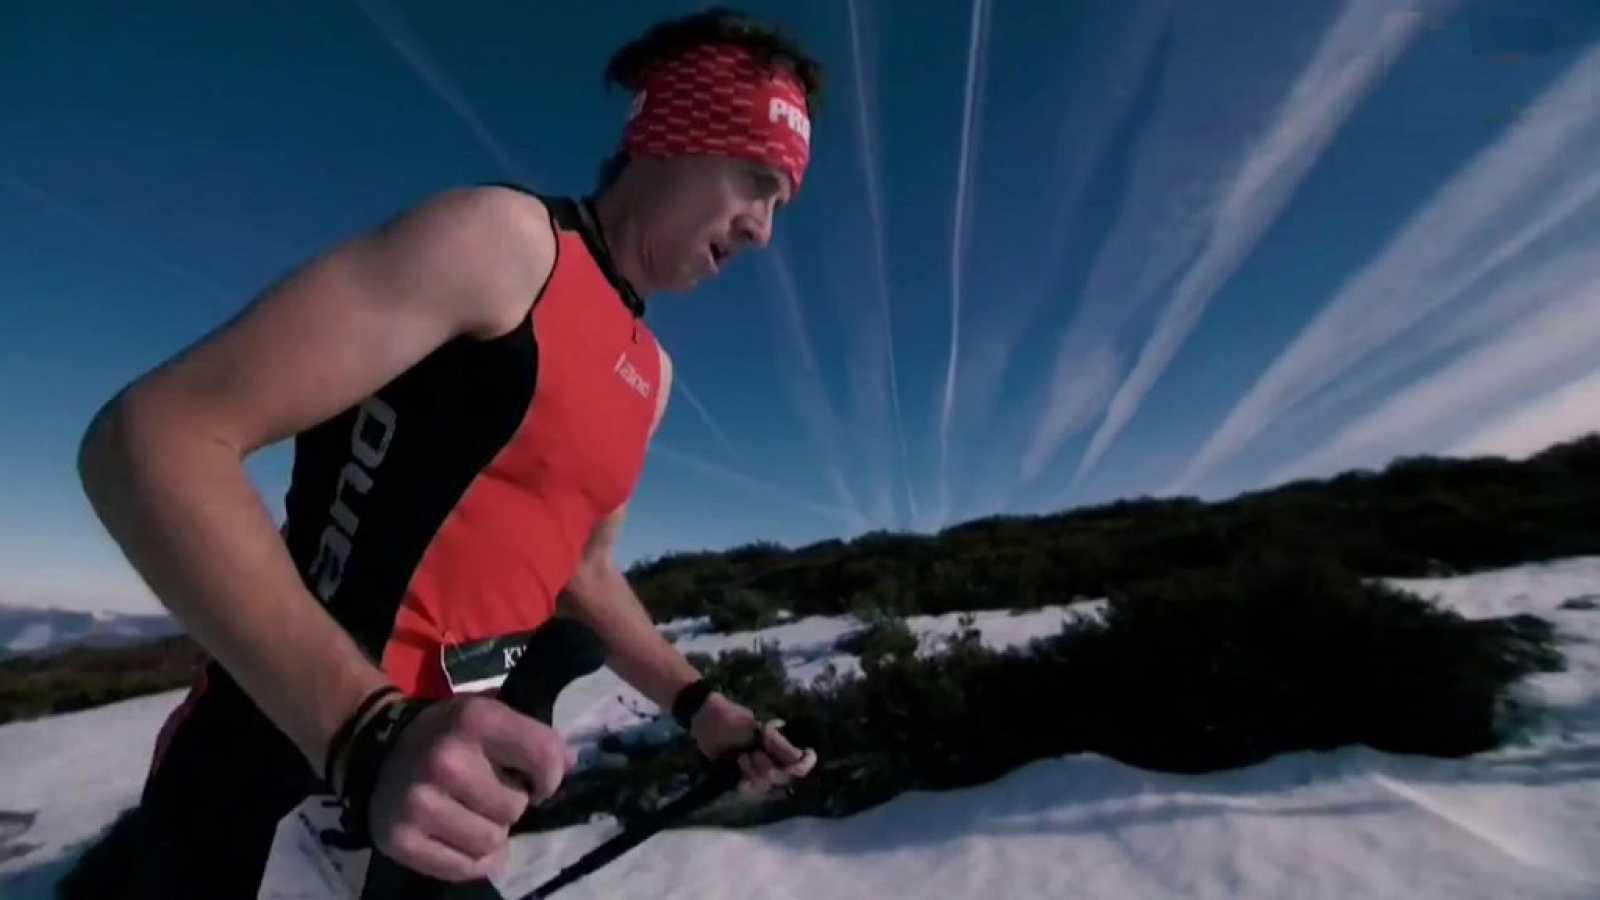 4e537ac1dcfd9 Para todos los públicos Trail de Montaña - Carrera Alto Sil 2019 - ver  ahora reproducir video